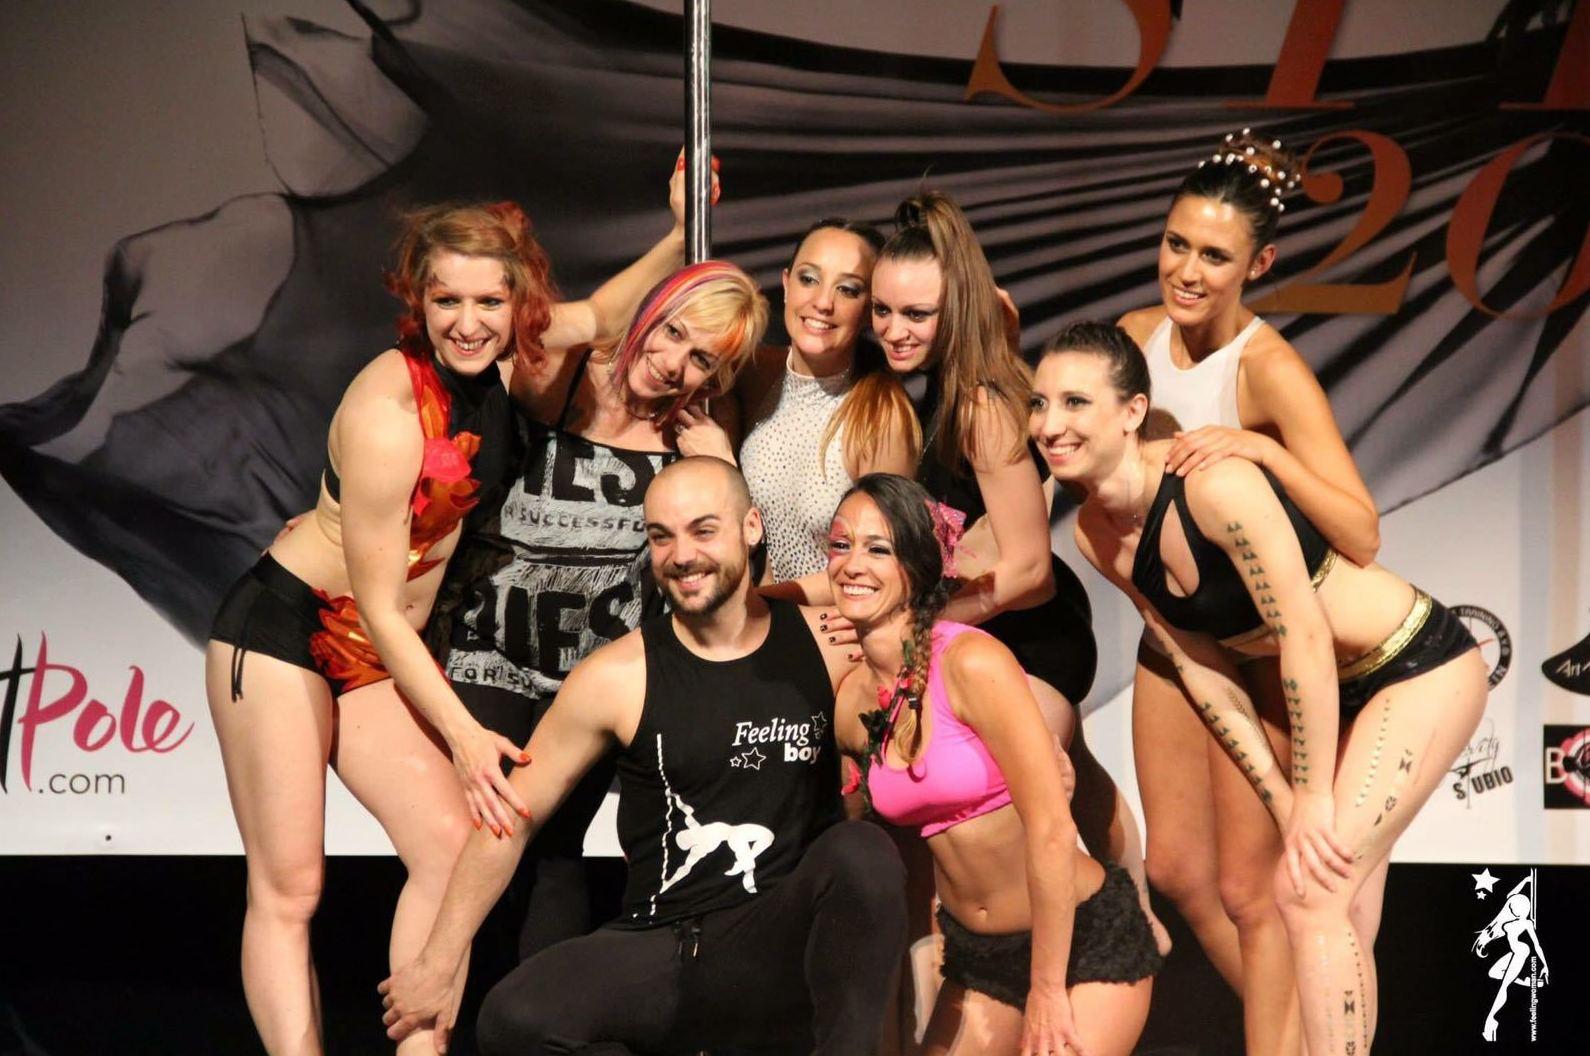 Foto 46 de Escuelas de música, danza e interpretación en Barcelona | Feeling Woman Pole Dance-Sport